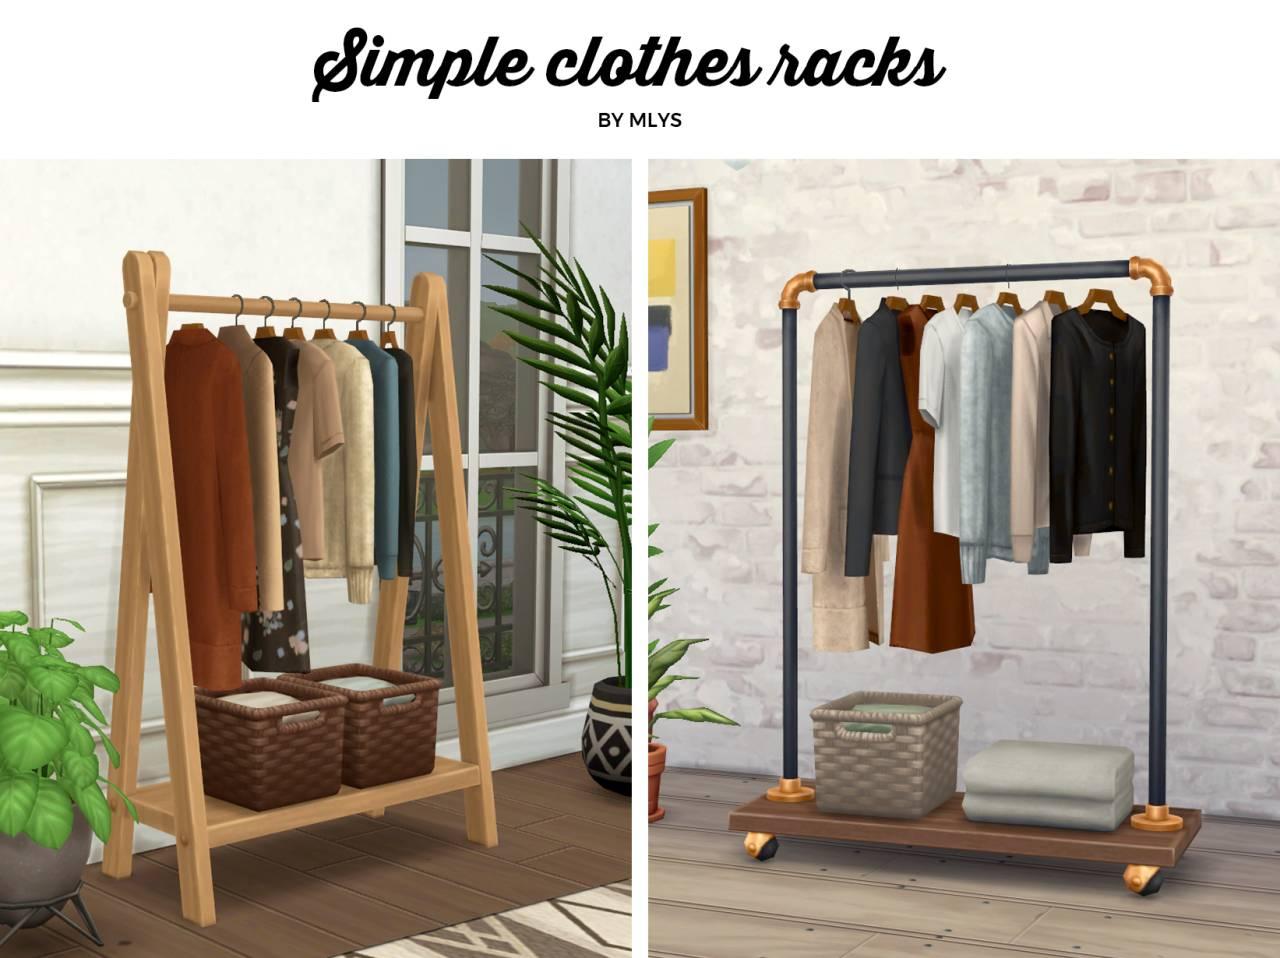 Напольные вешалки с одеждой - Simple clothes racks